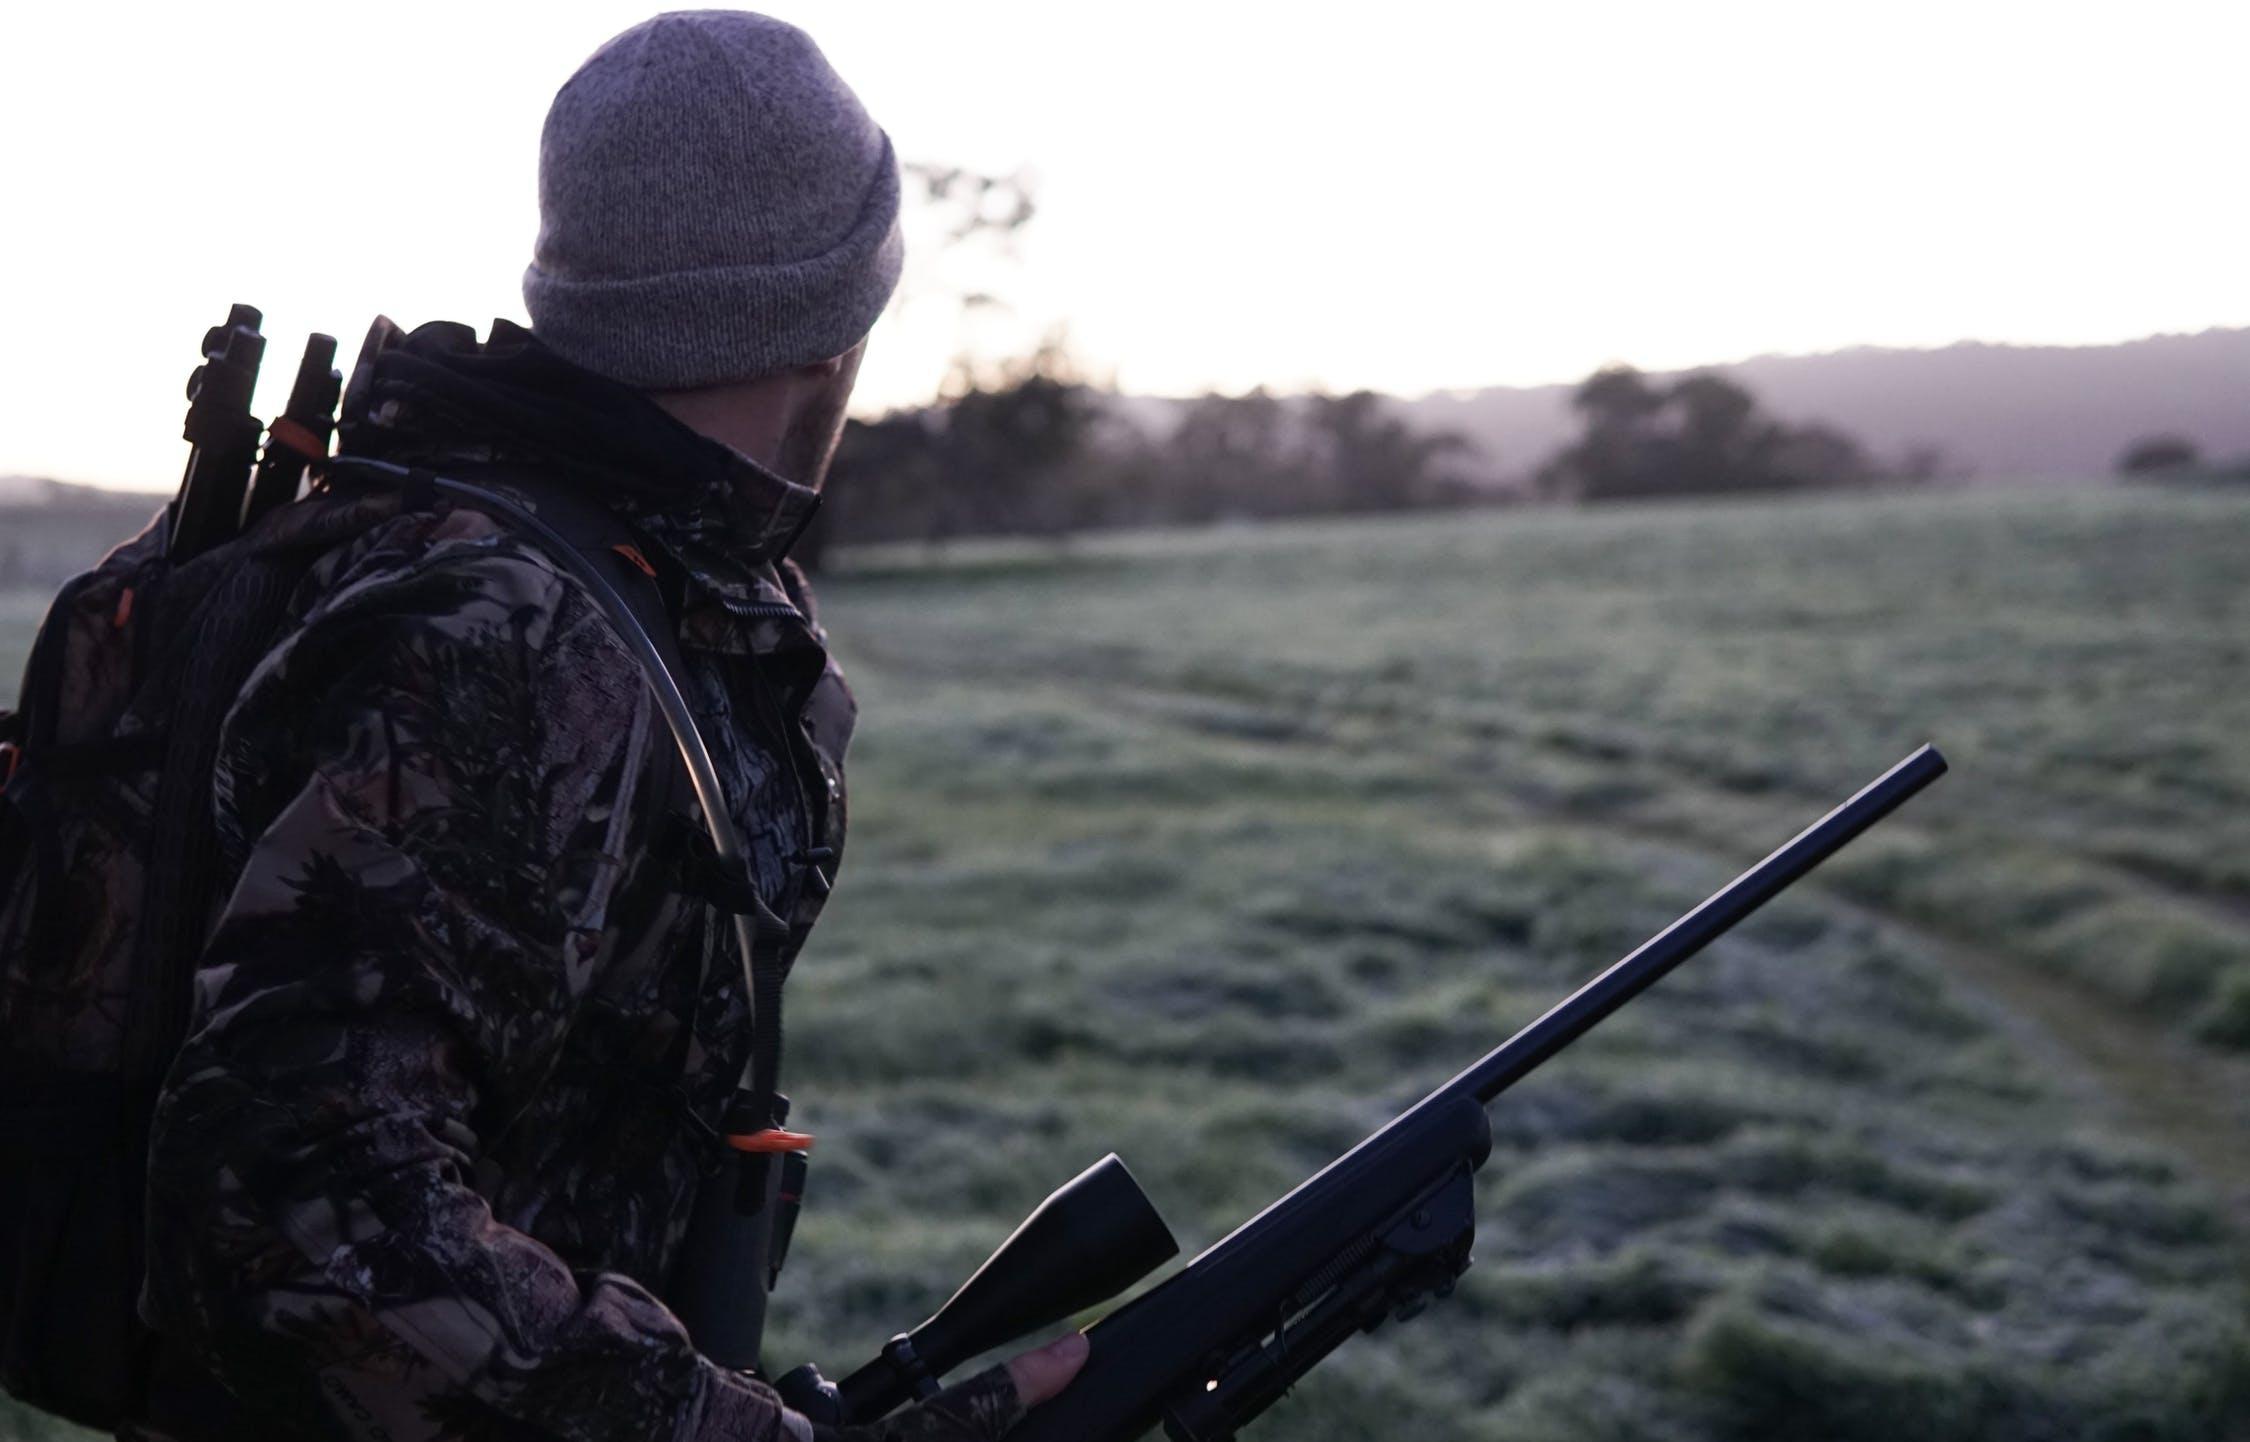 В Тверской области охотник убил товарища, приняв за лося - новости Афанасий